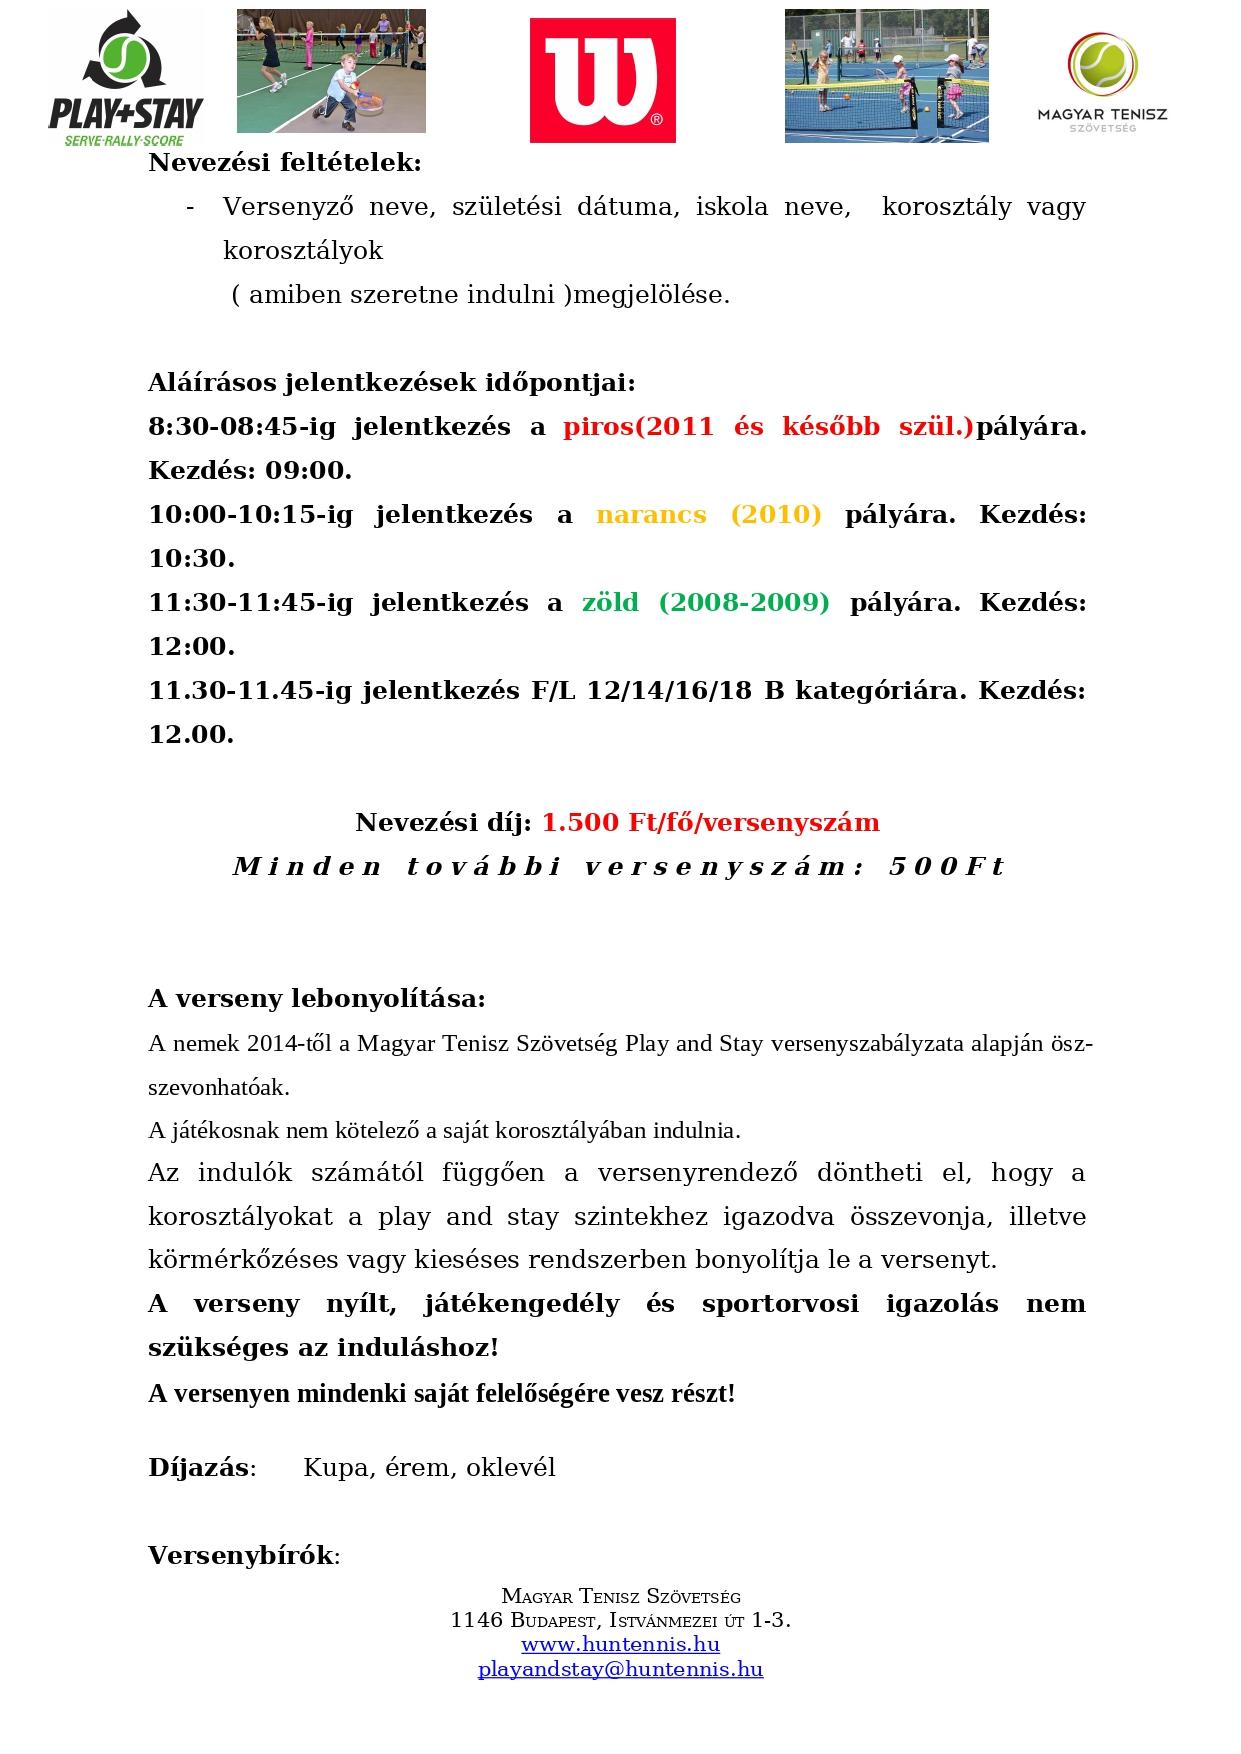 IV. Debrecen Város Play & Stay Bajnoksága_page-0002